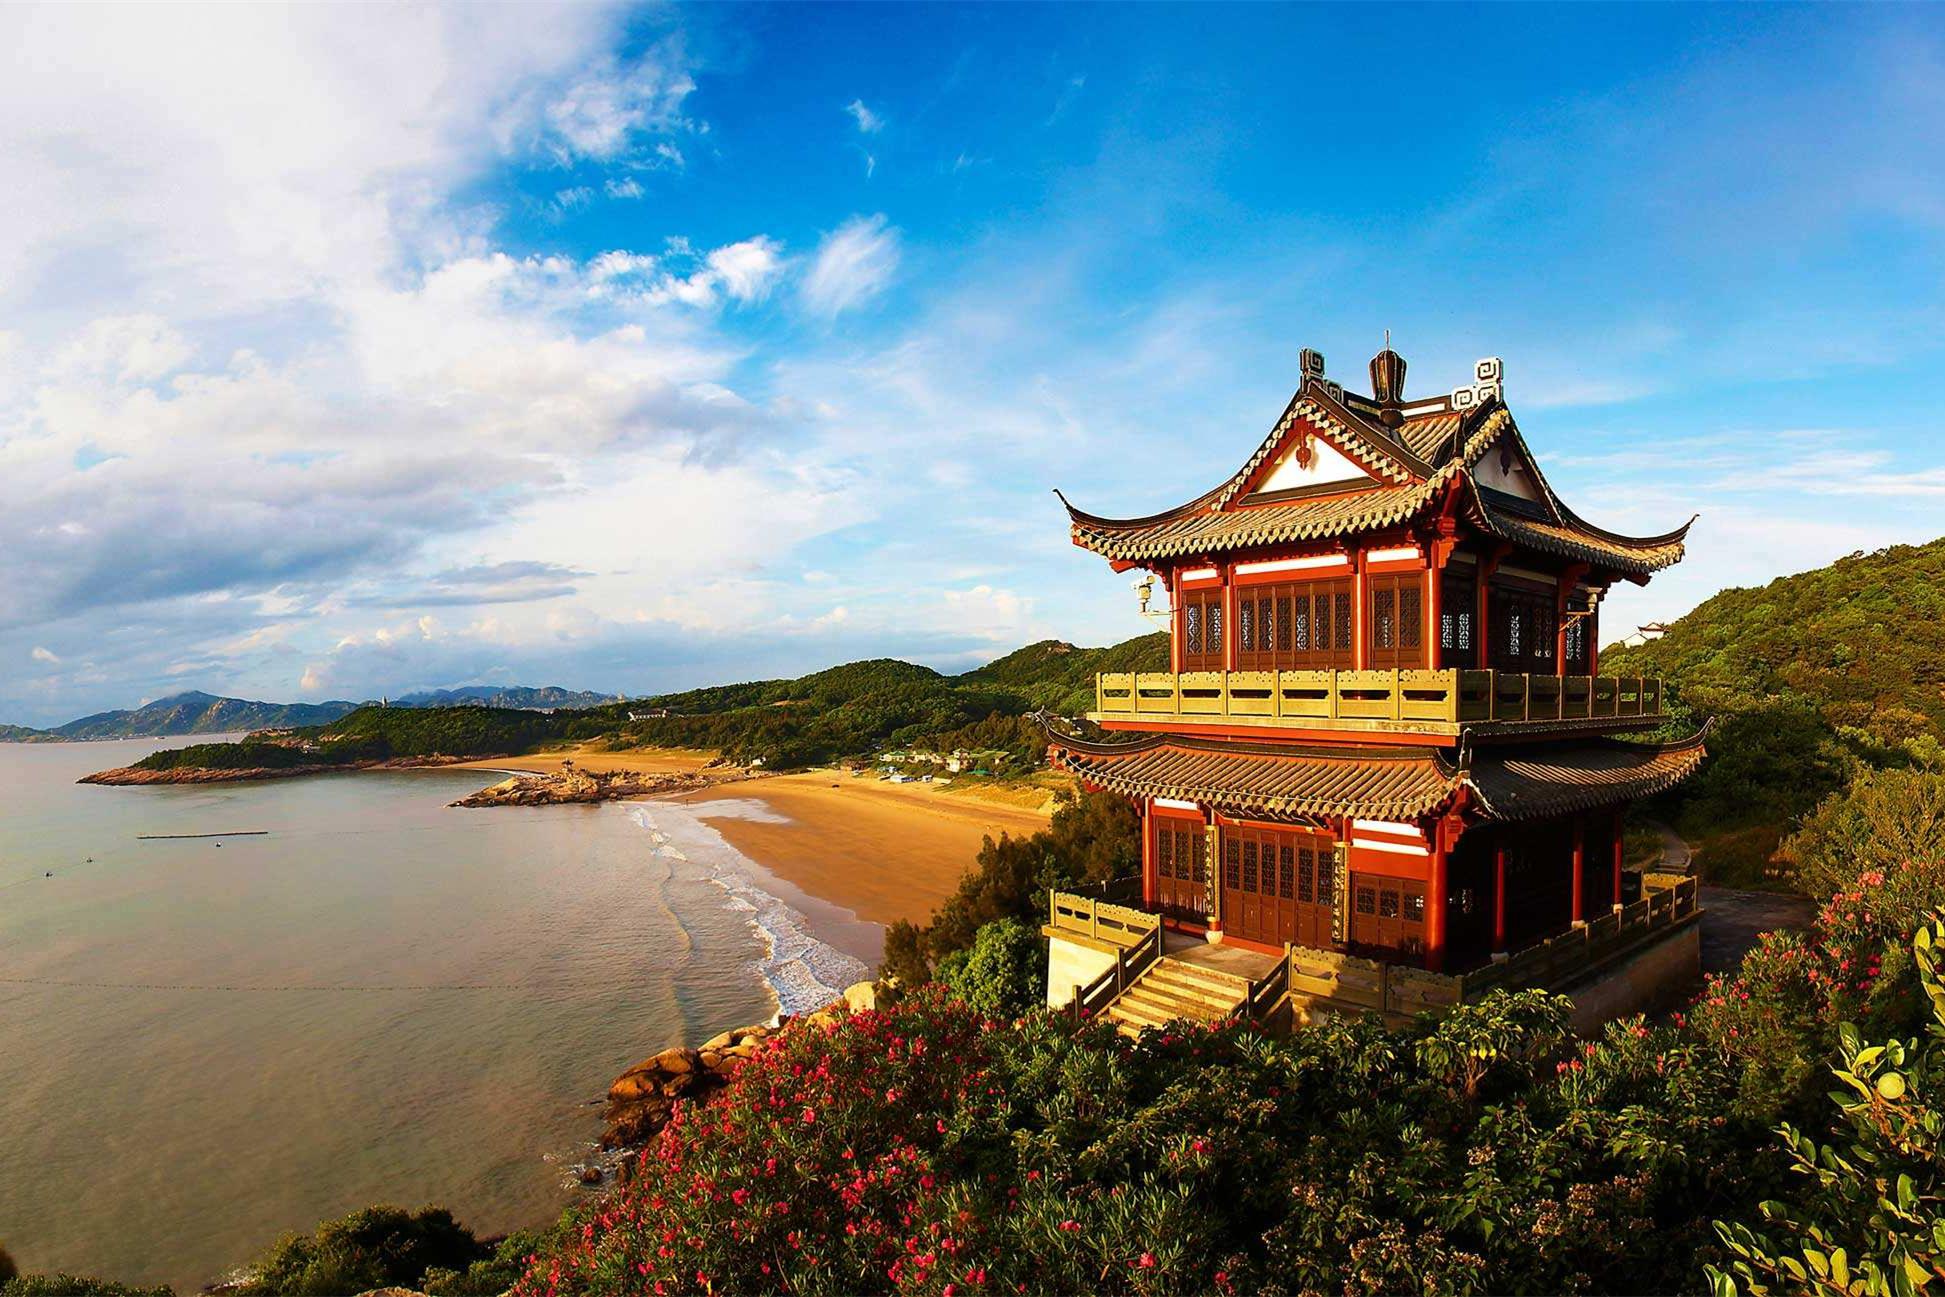 普陀山旅游攻略:如何像个当地人一样游历观影菩萨道场